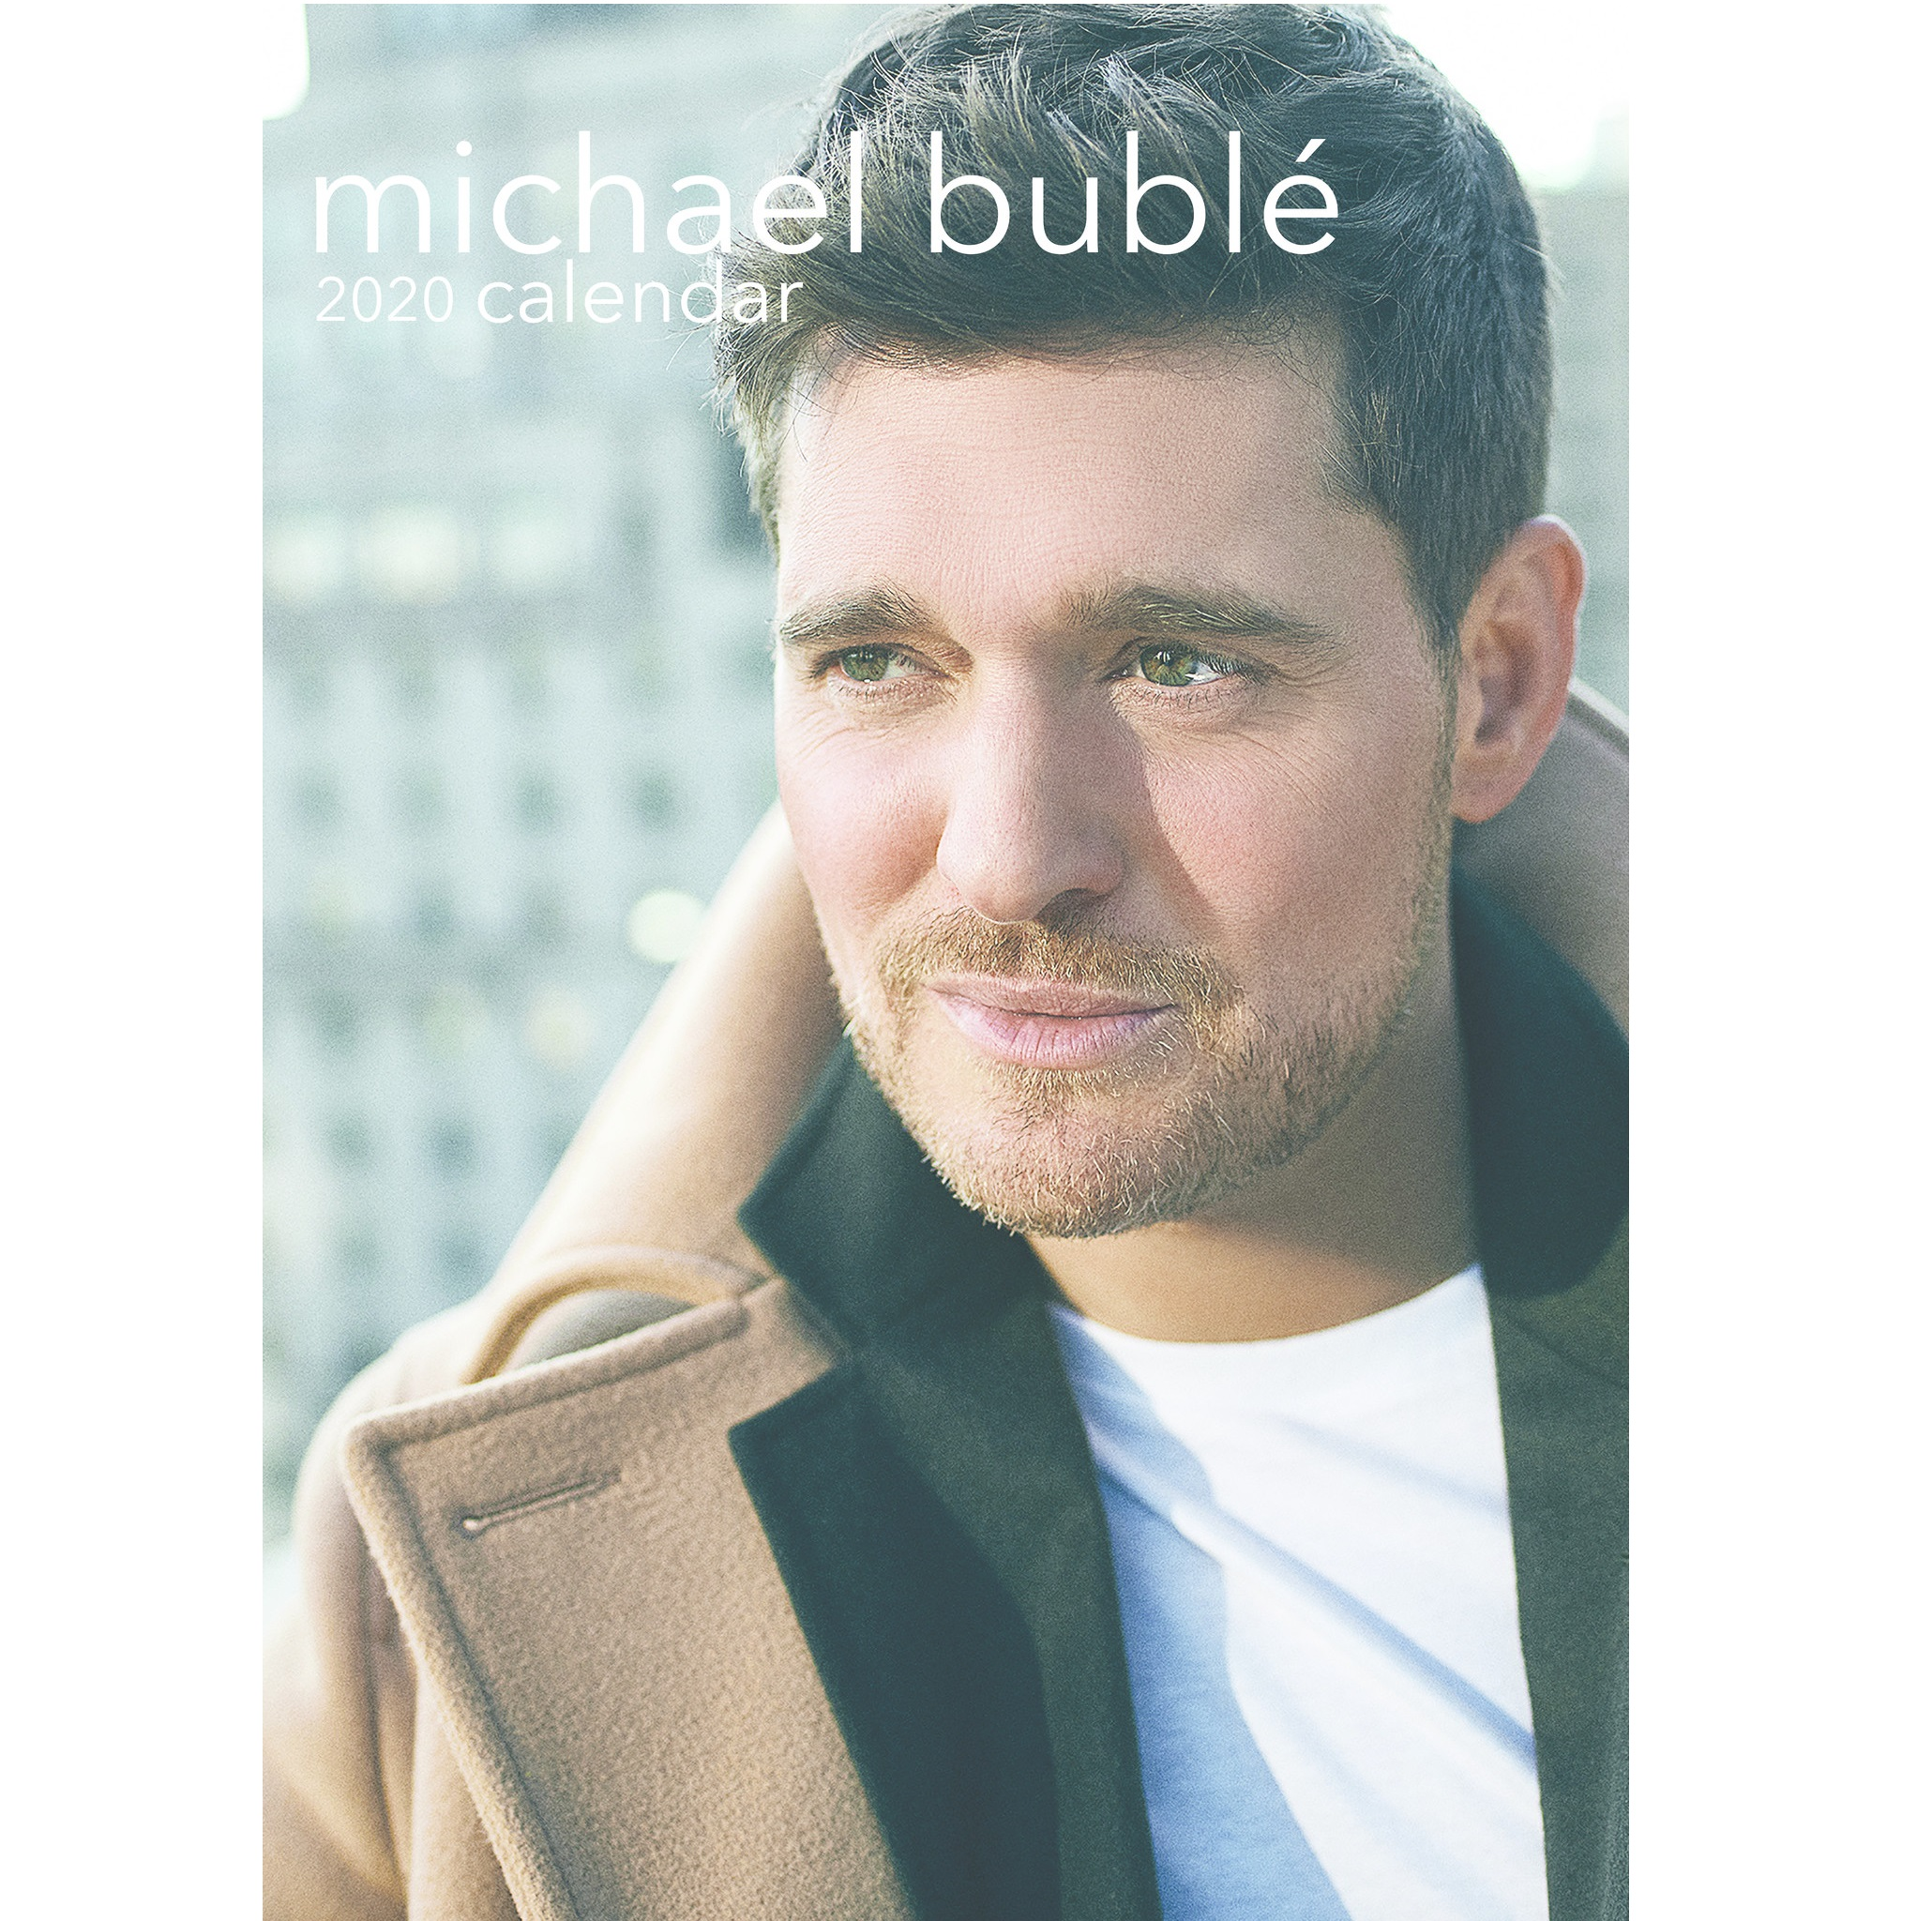 2020 Calendar - Michael Buble - Bøger - VYDAVATELSTIVI - 0616906766744 - 1/6-2019